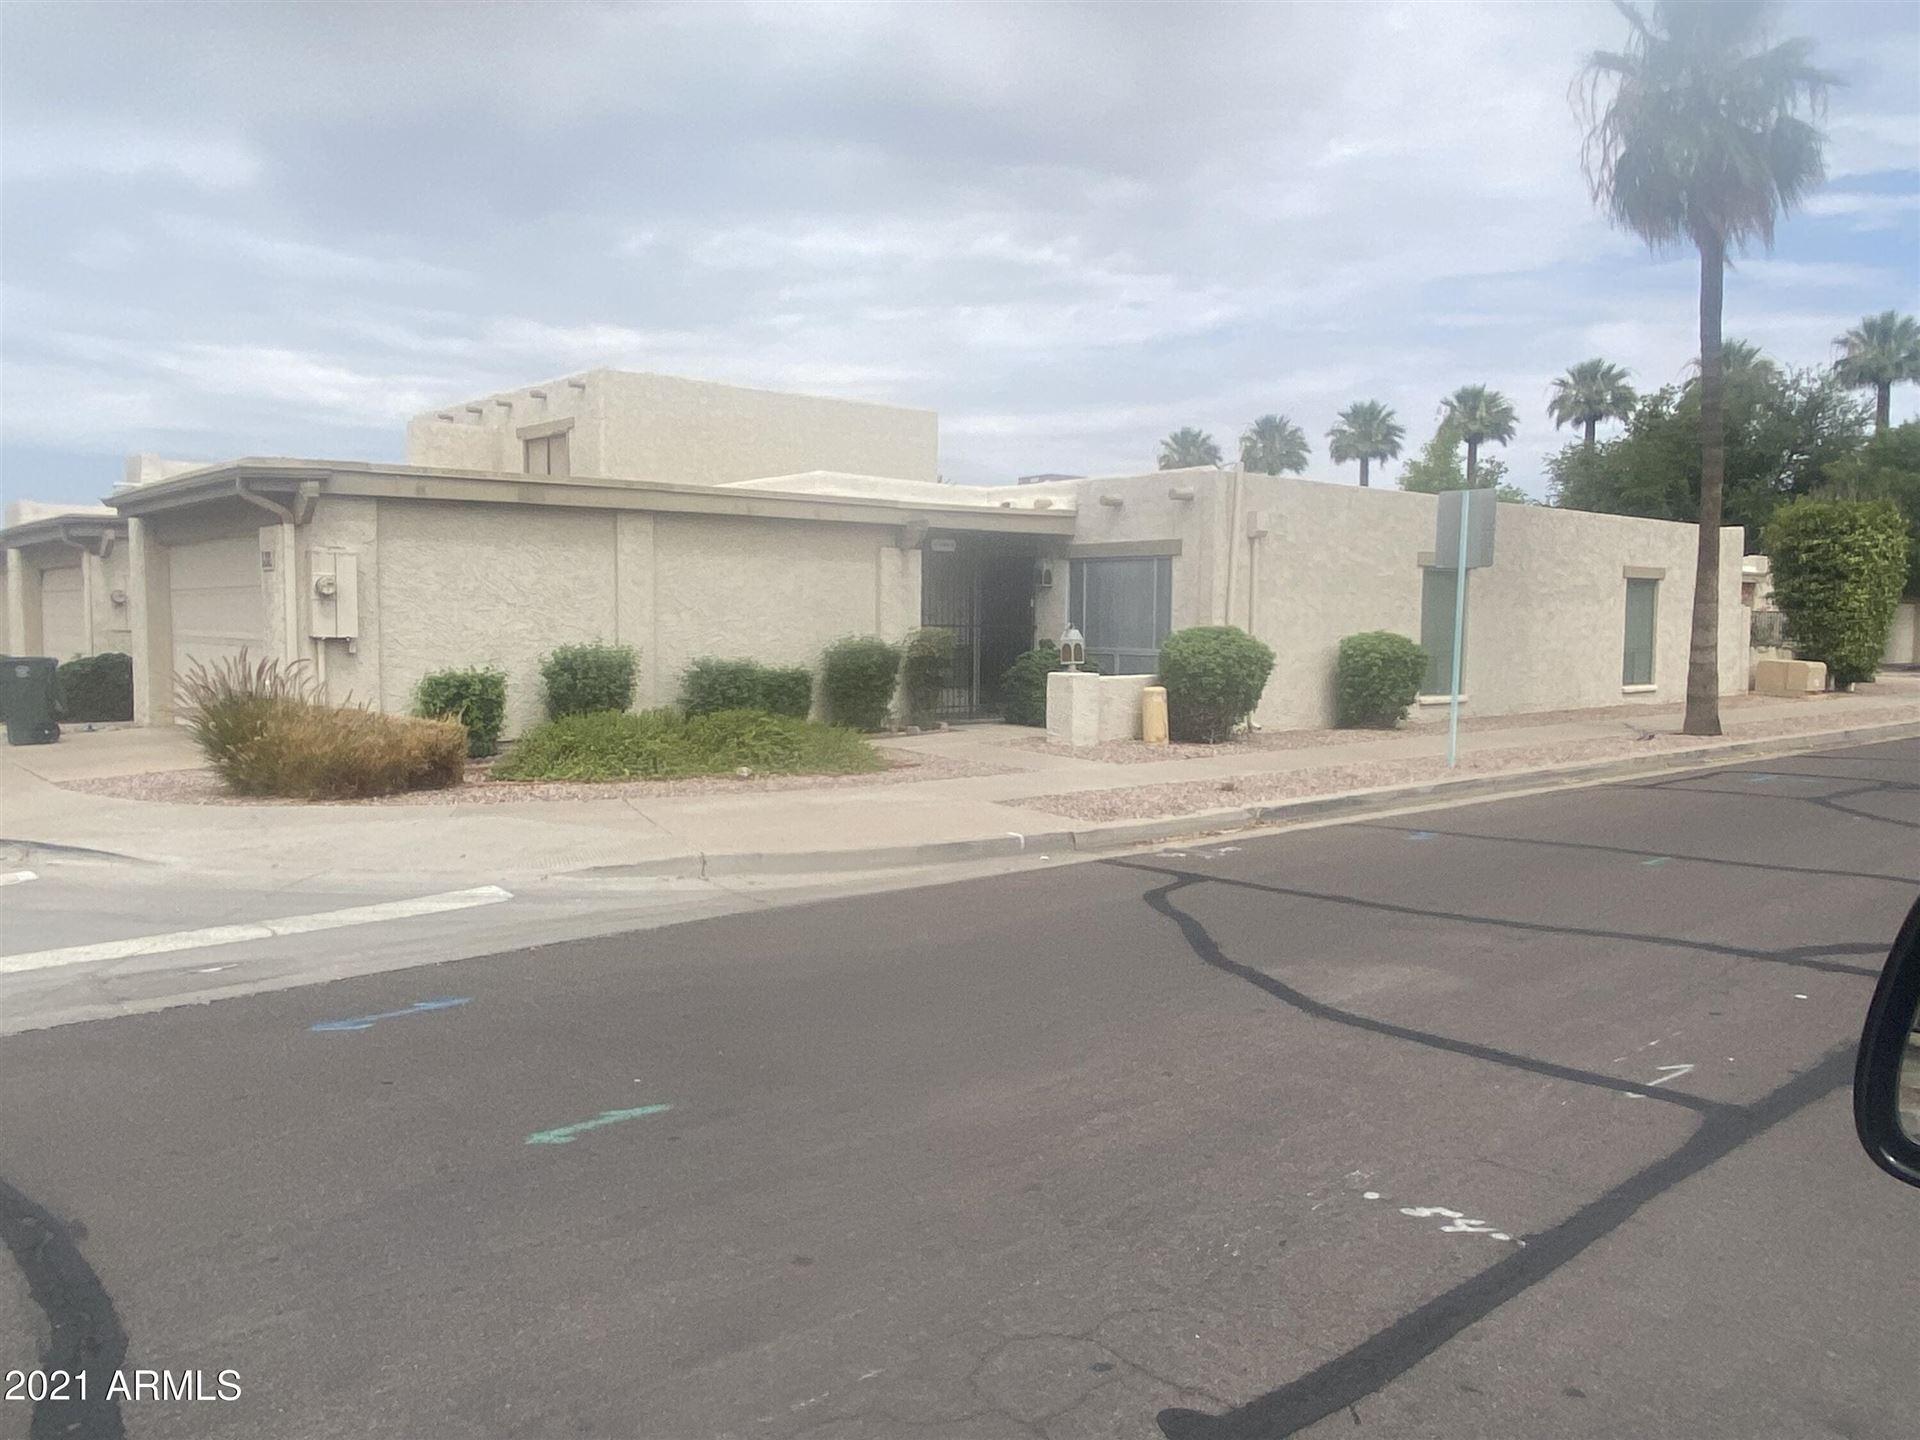 Photo of 202 W MAYA Drive, Litchfield Park, AZ 85340 (MLS # 6260451)